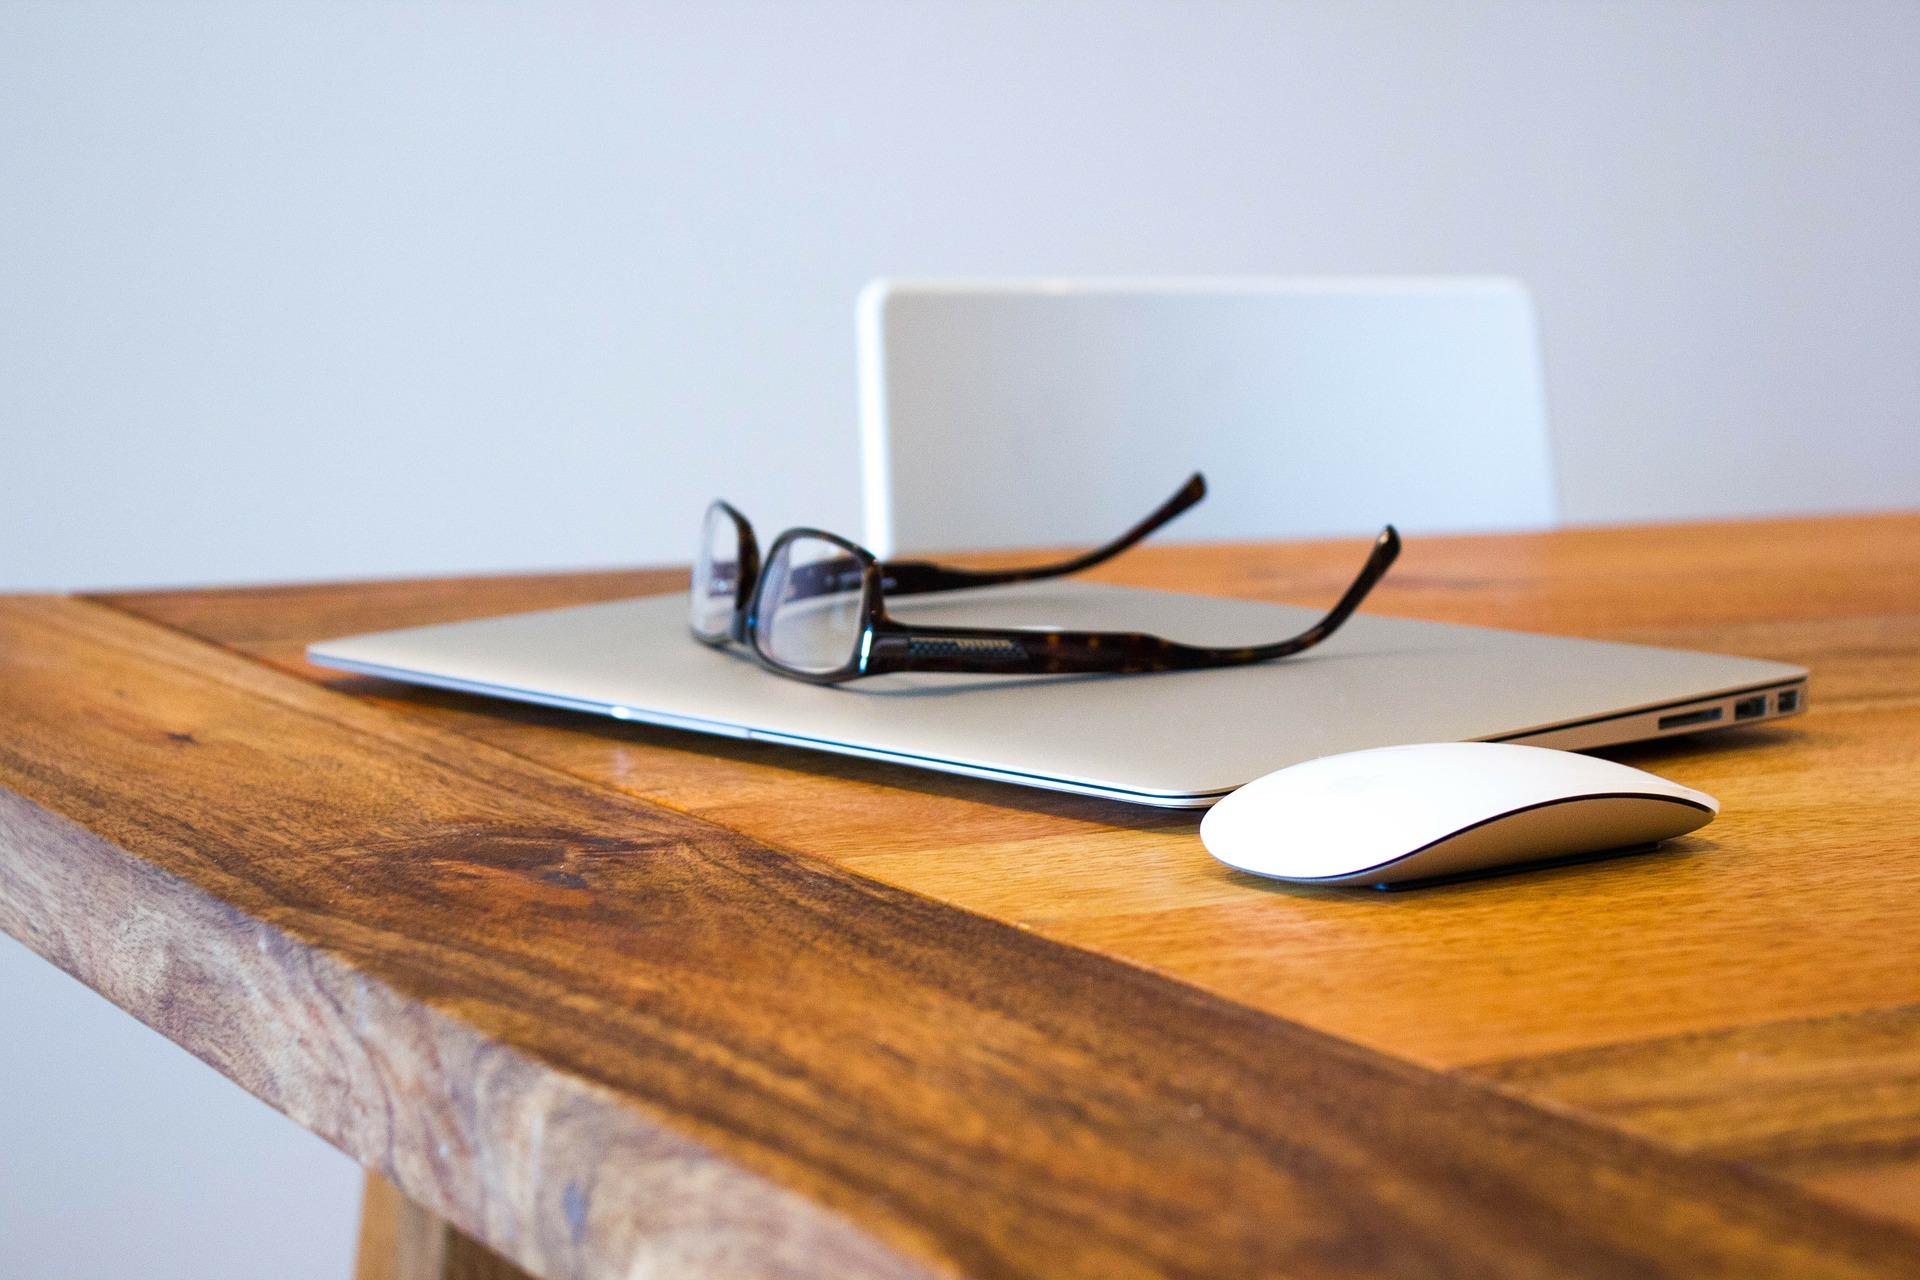 MacBook Mac OS